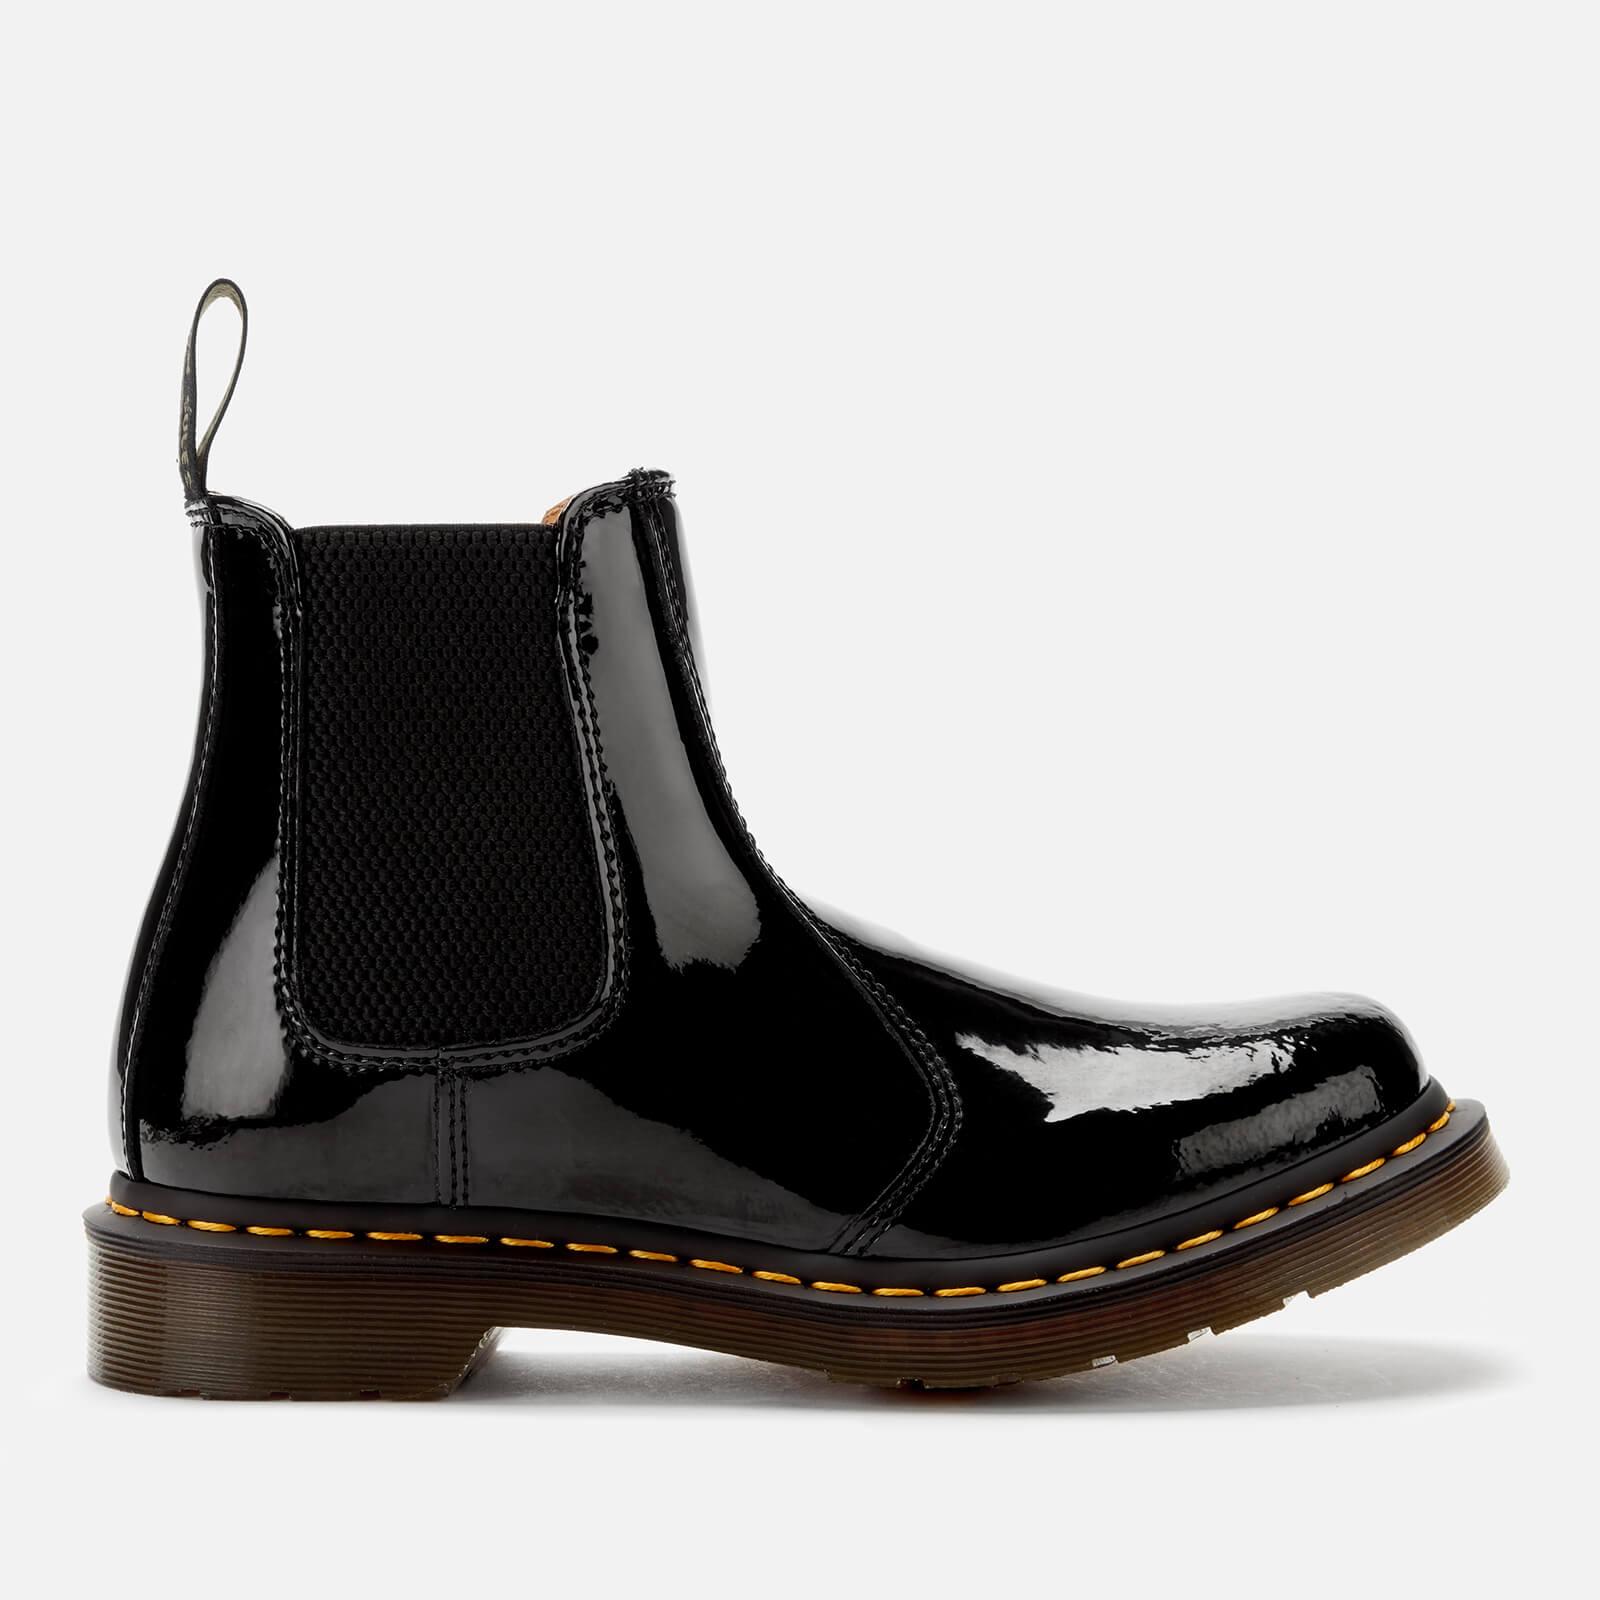 Dr. Martens Women's 2976 Patent Lamper Chelsea Boots - Black - Uk 3